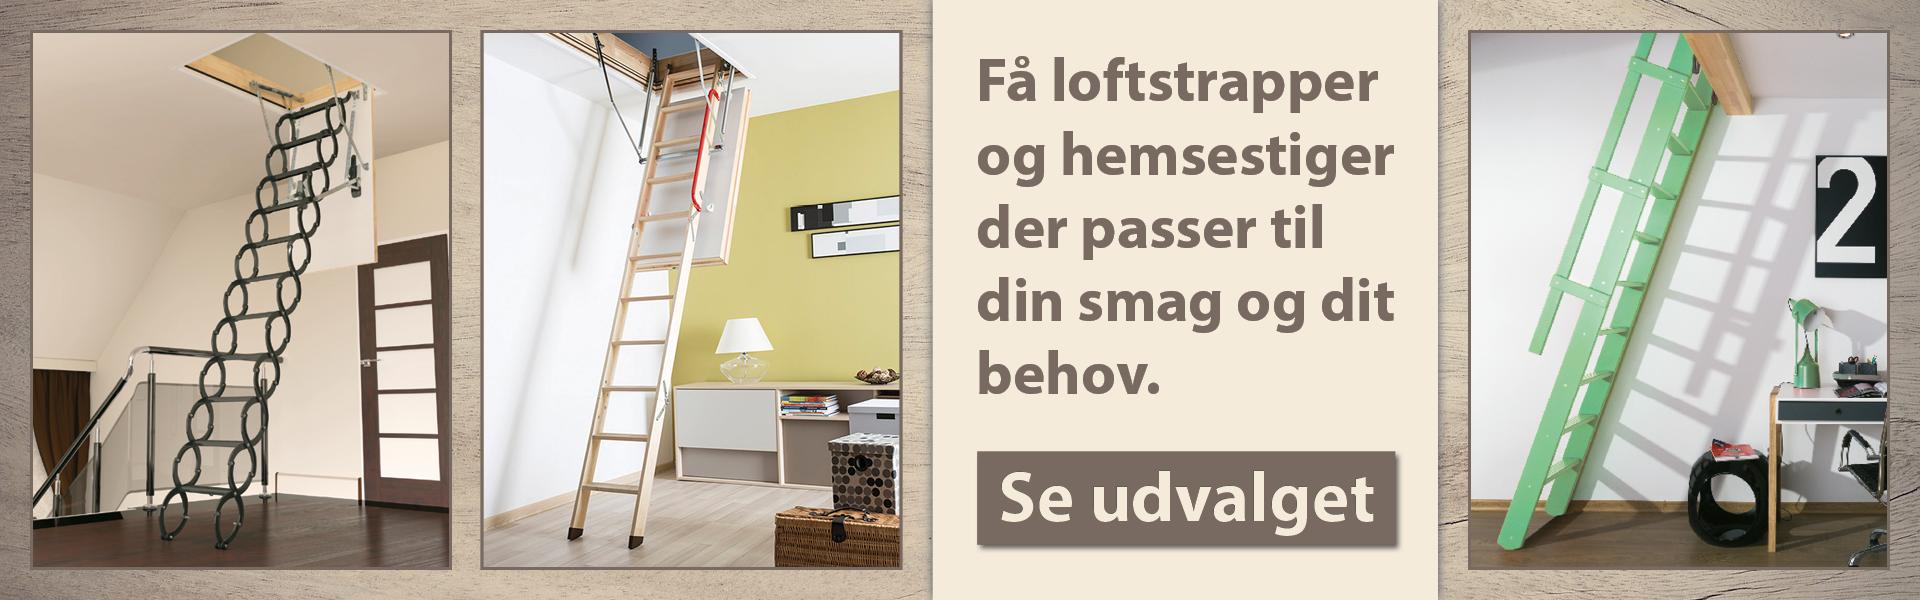 FAKRO_trapper_Netbyggemarked